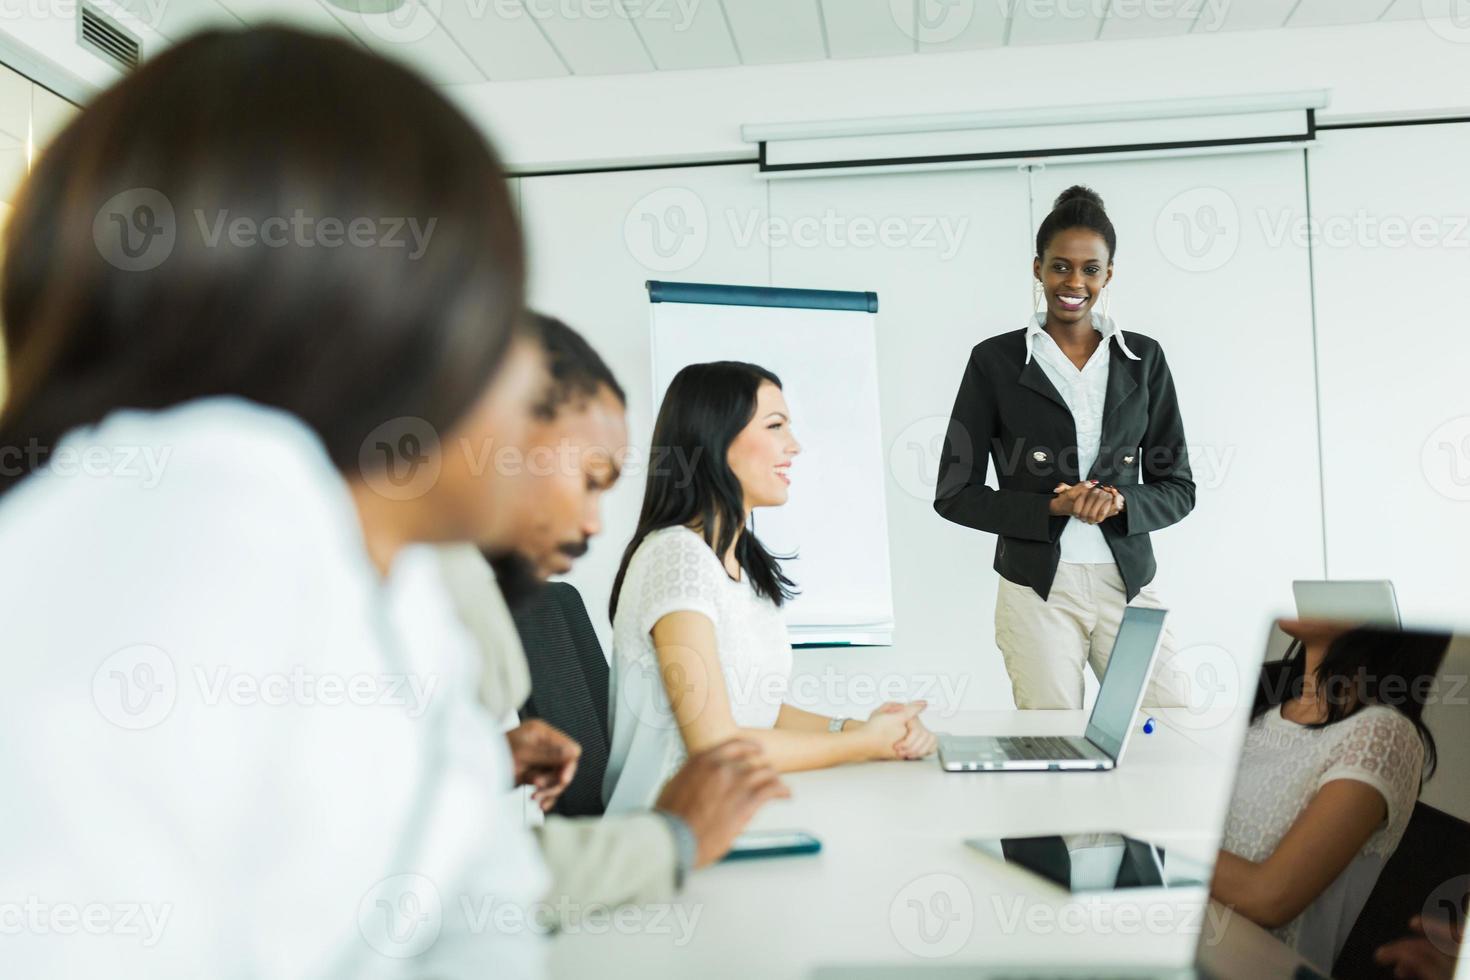 jonge mensen uit het bedrijfsleven zitten aan een vergadertafel en leren foto